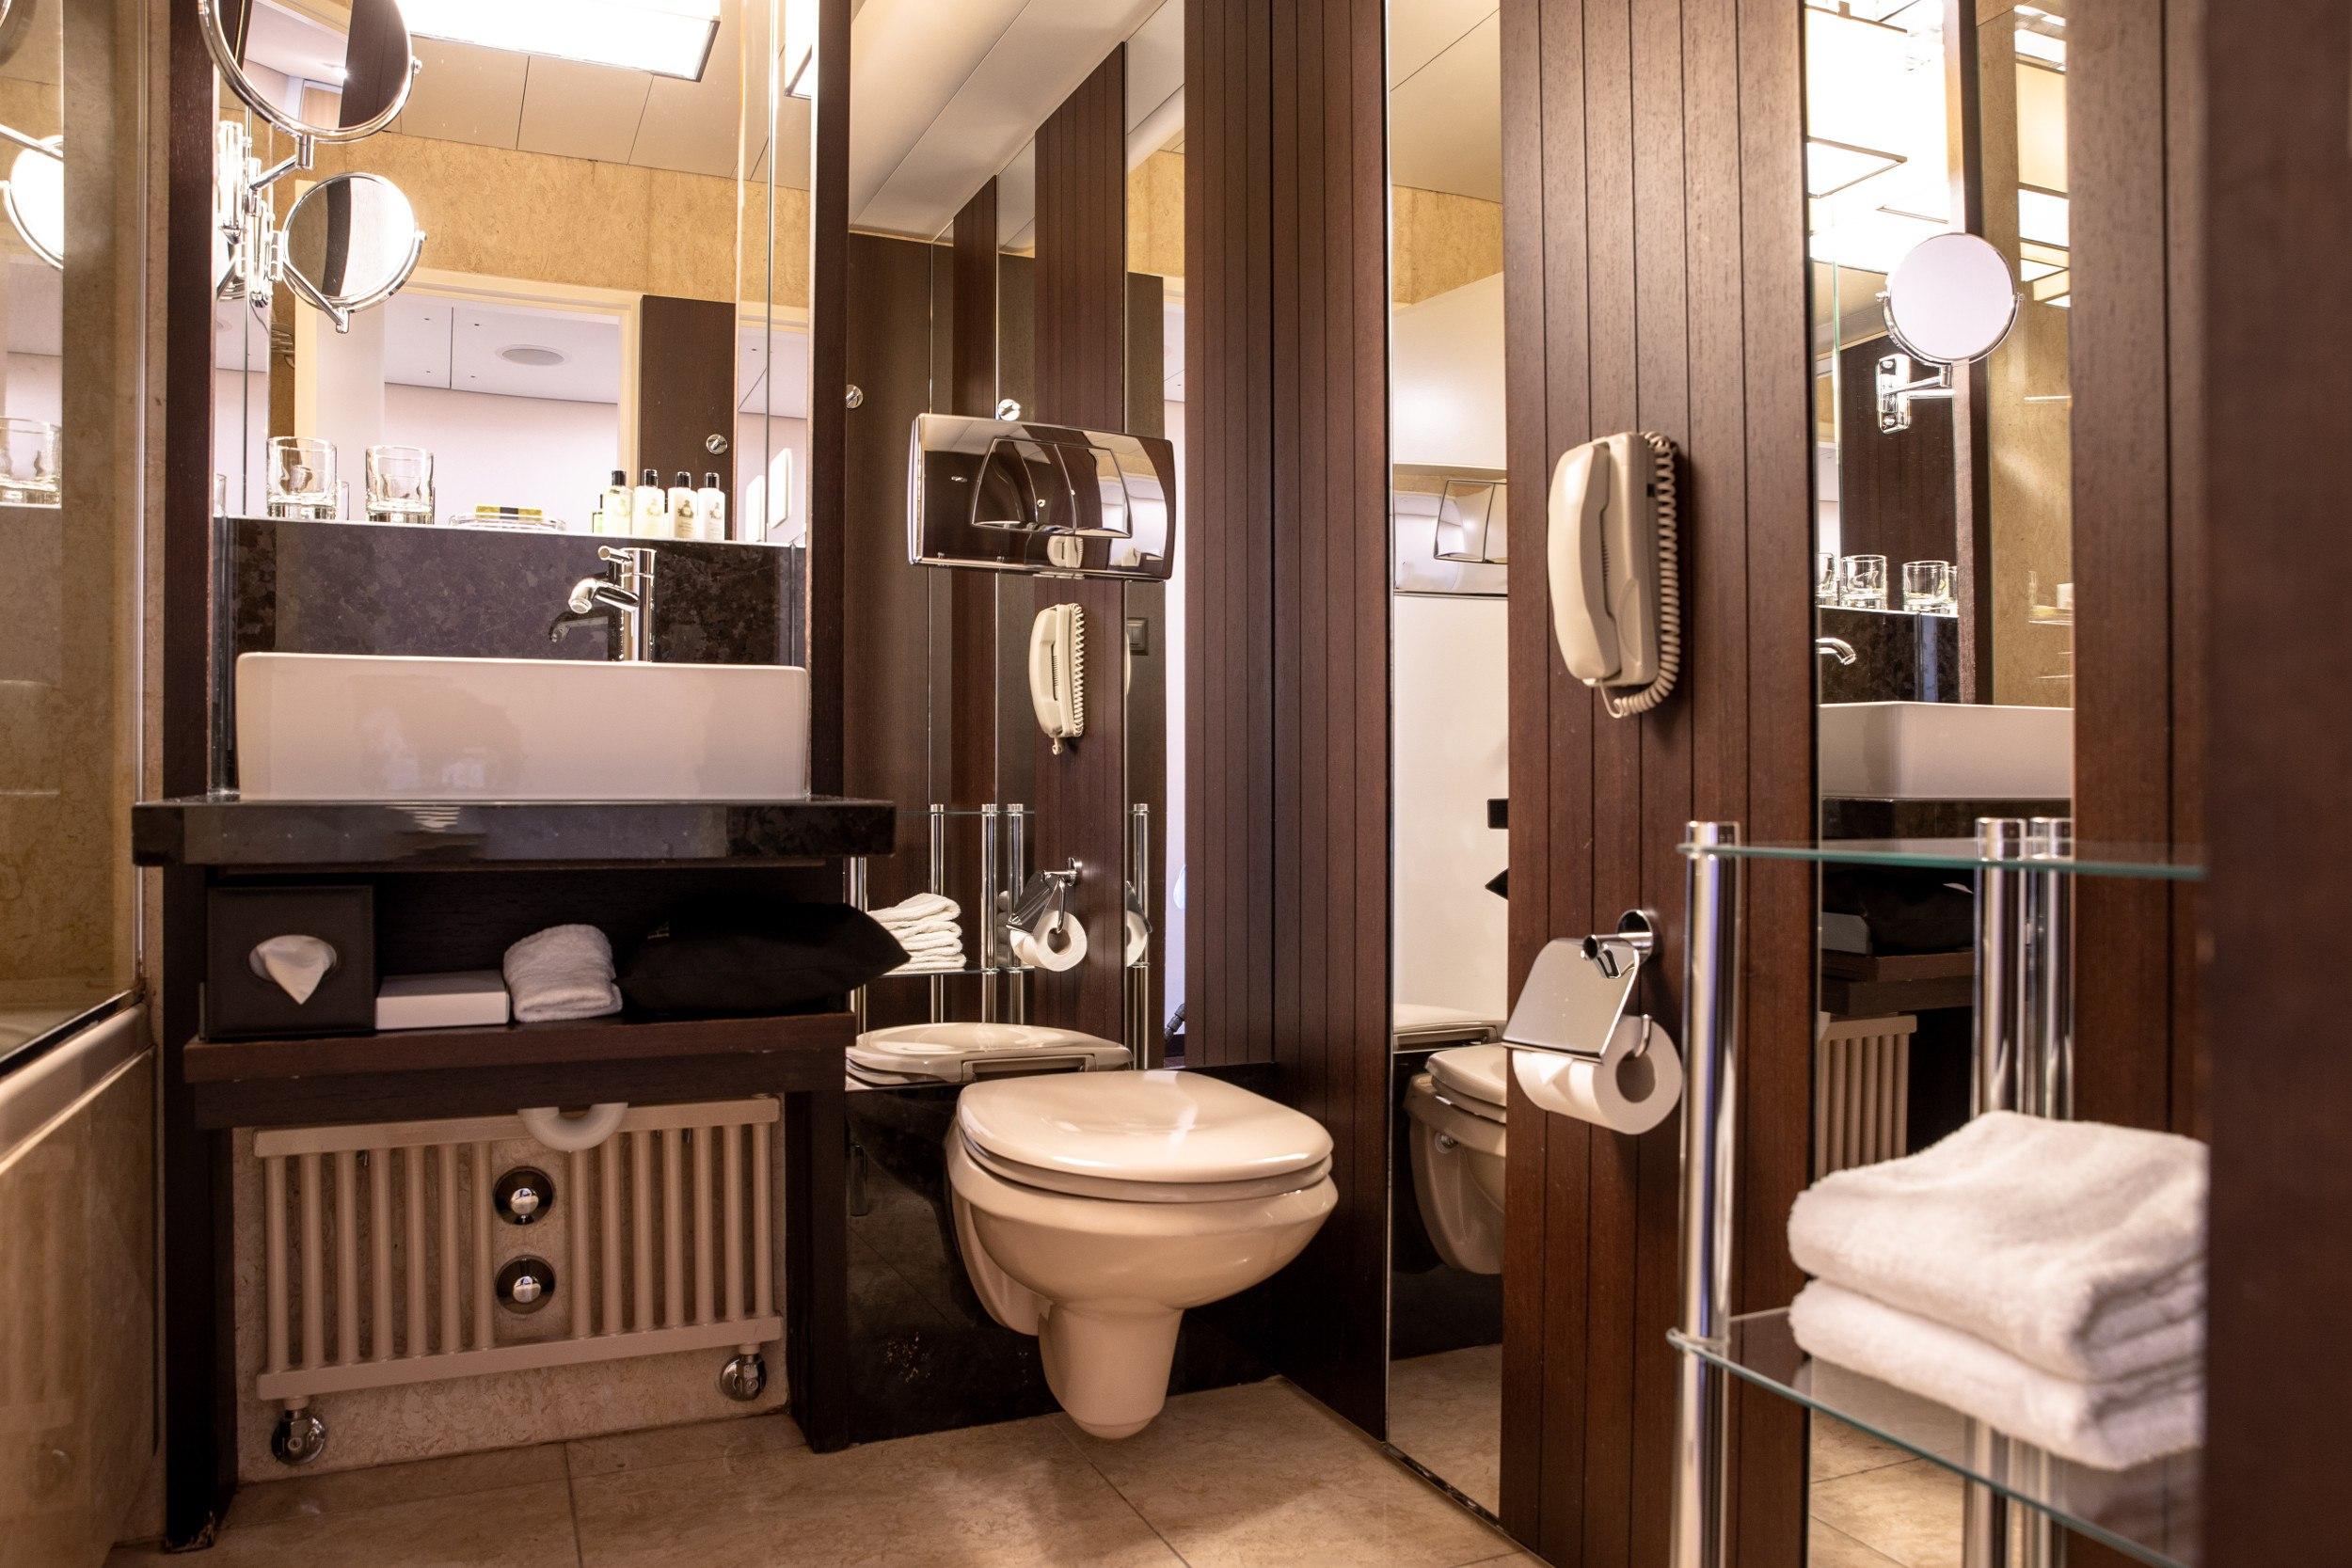 InterContinental-Geneva-Hotel-Deluxe-room-3